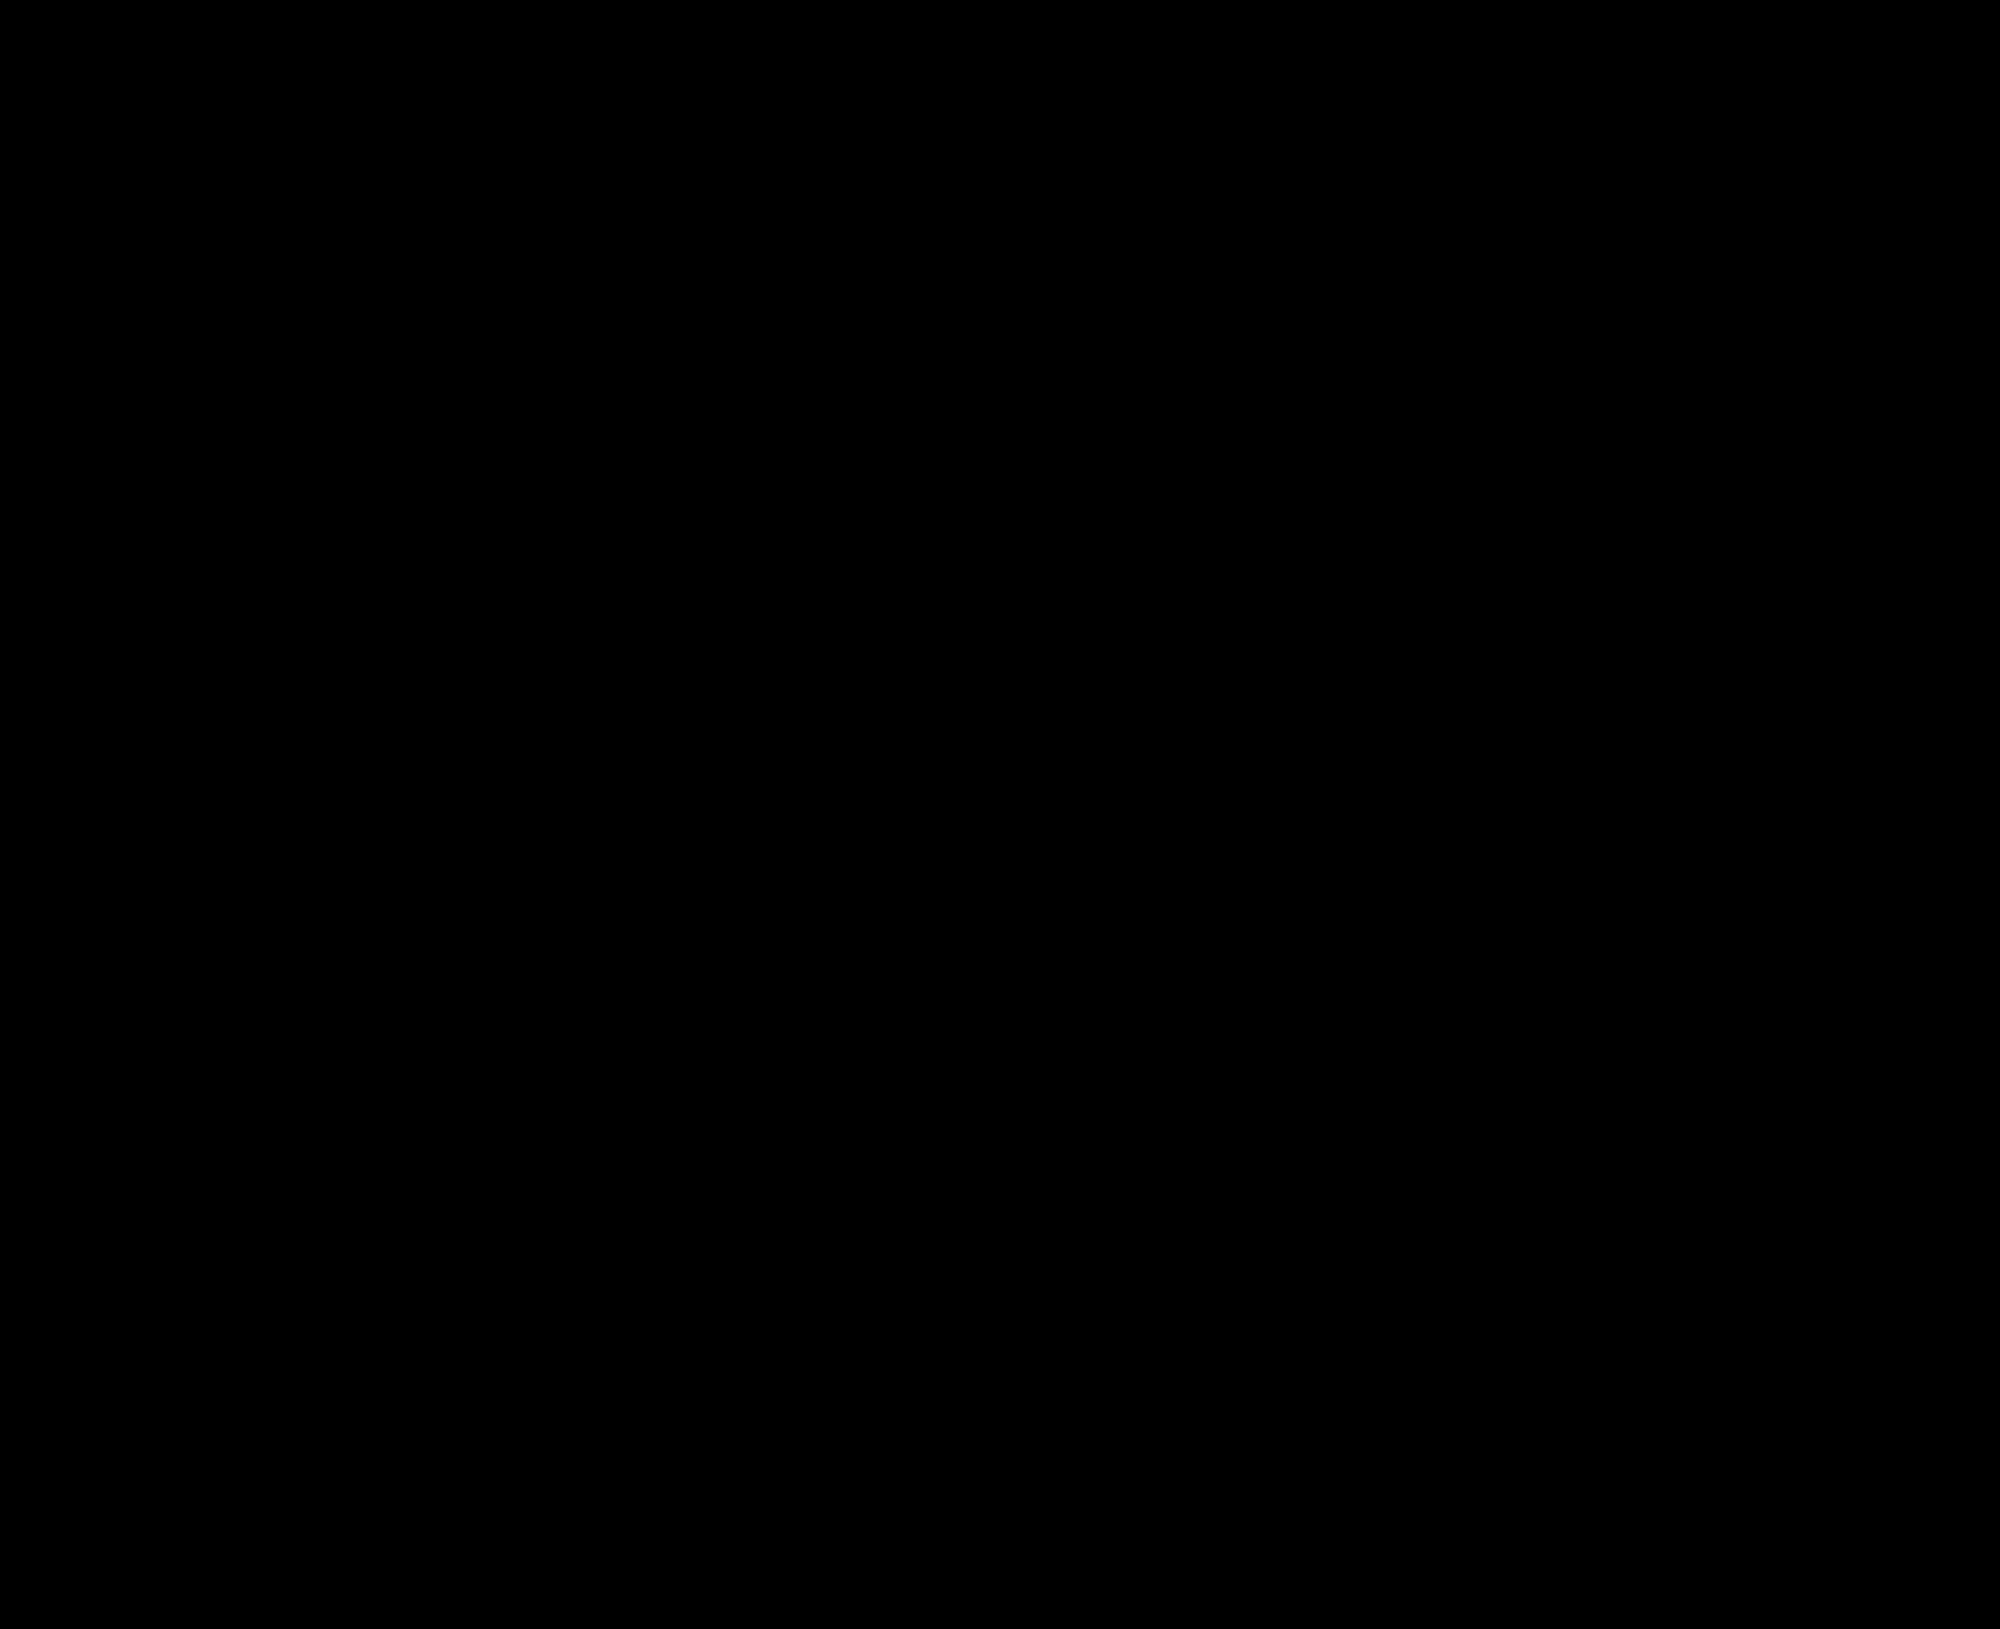 La espiral de teodoro. Geometry clipart math revision